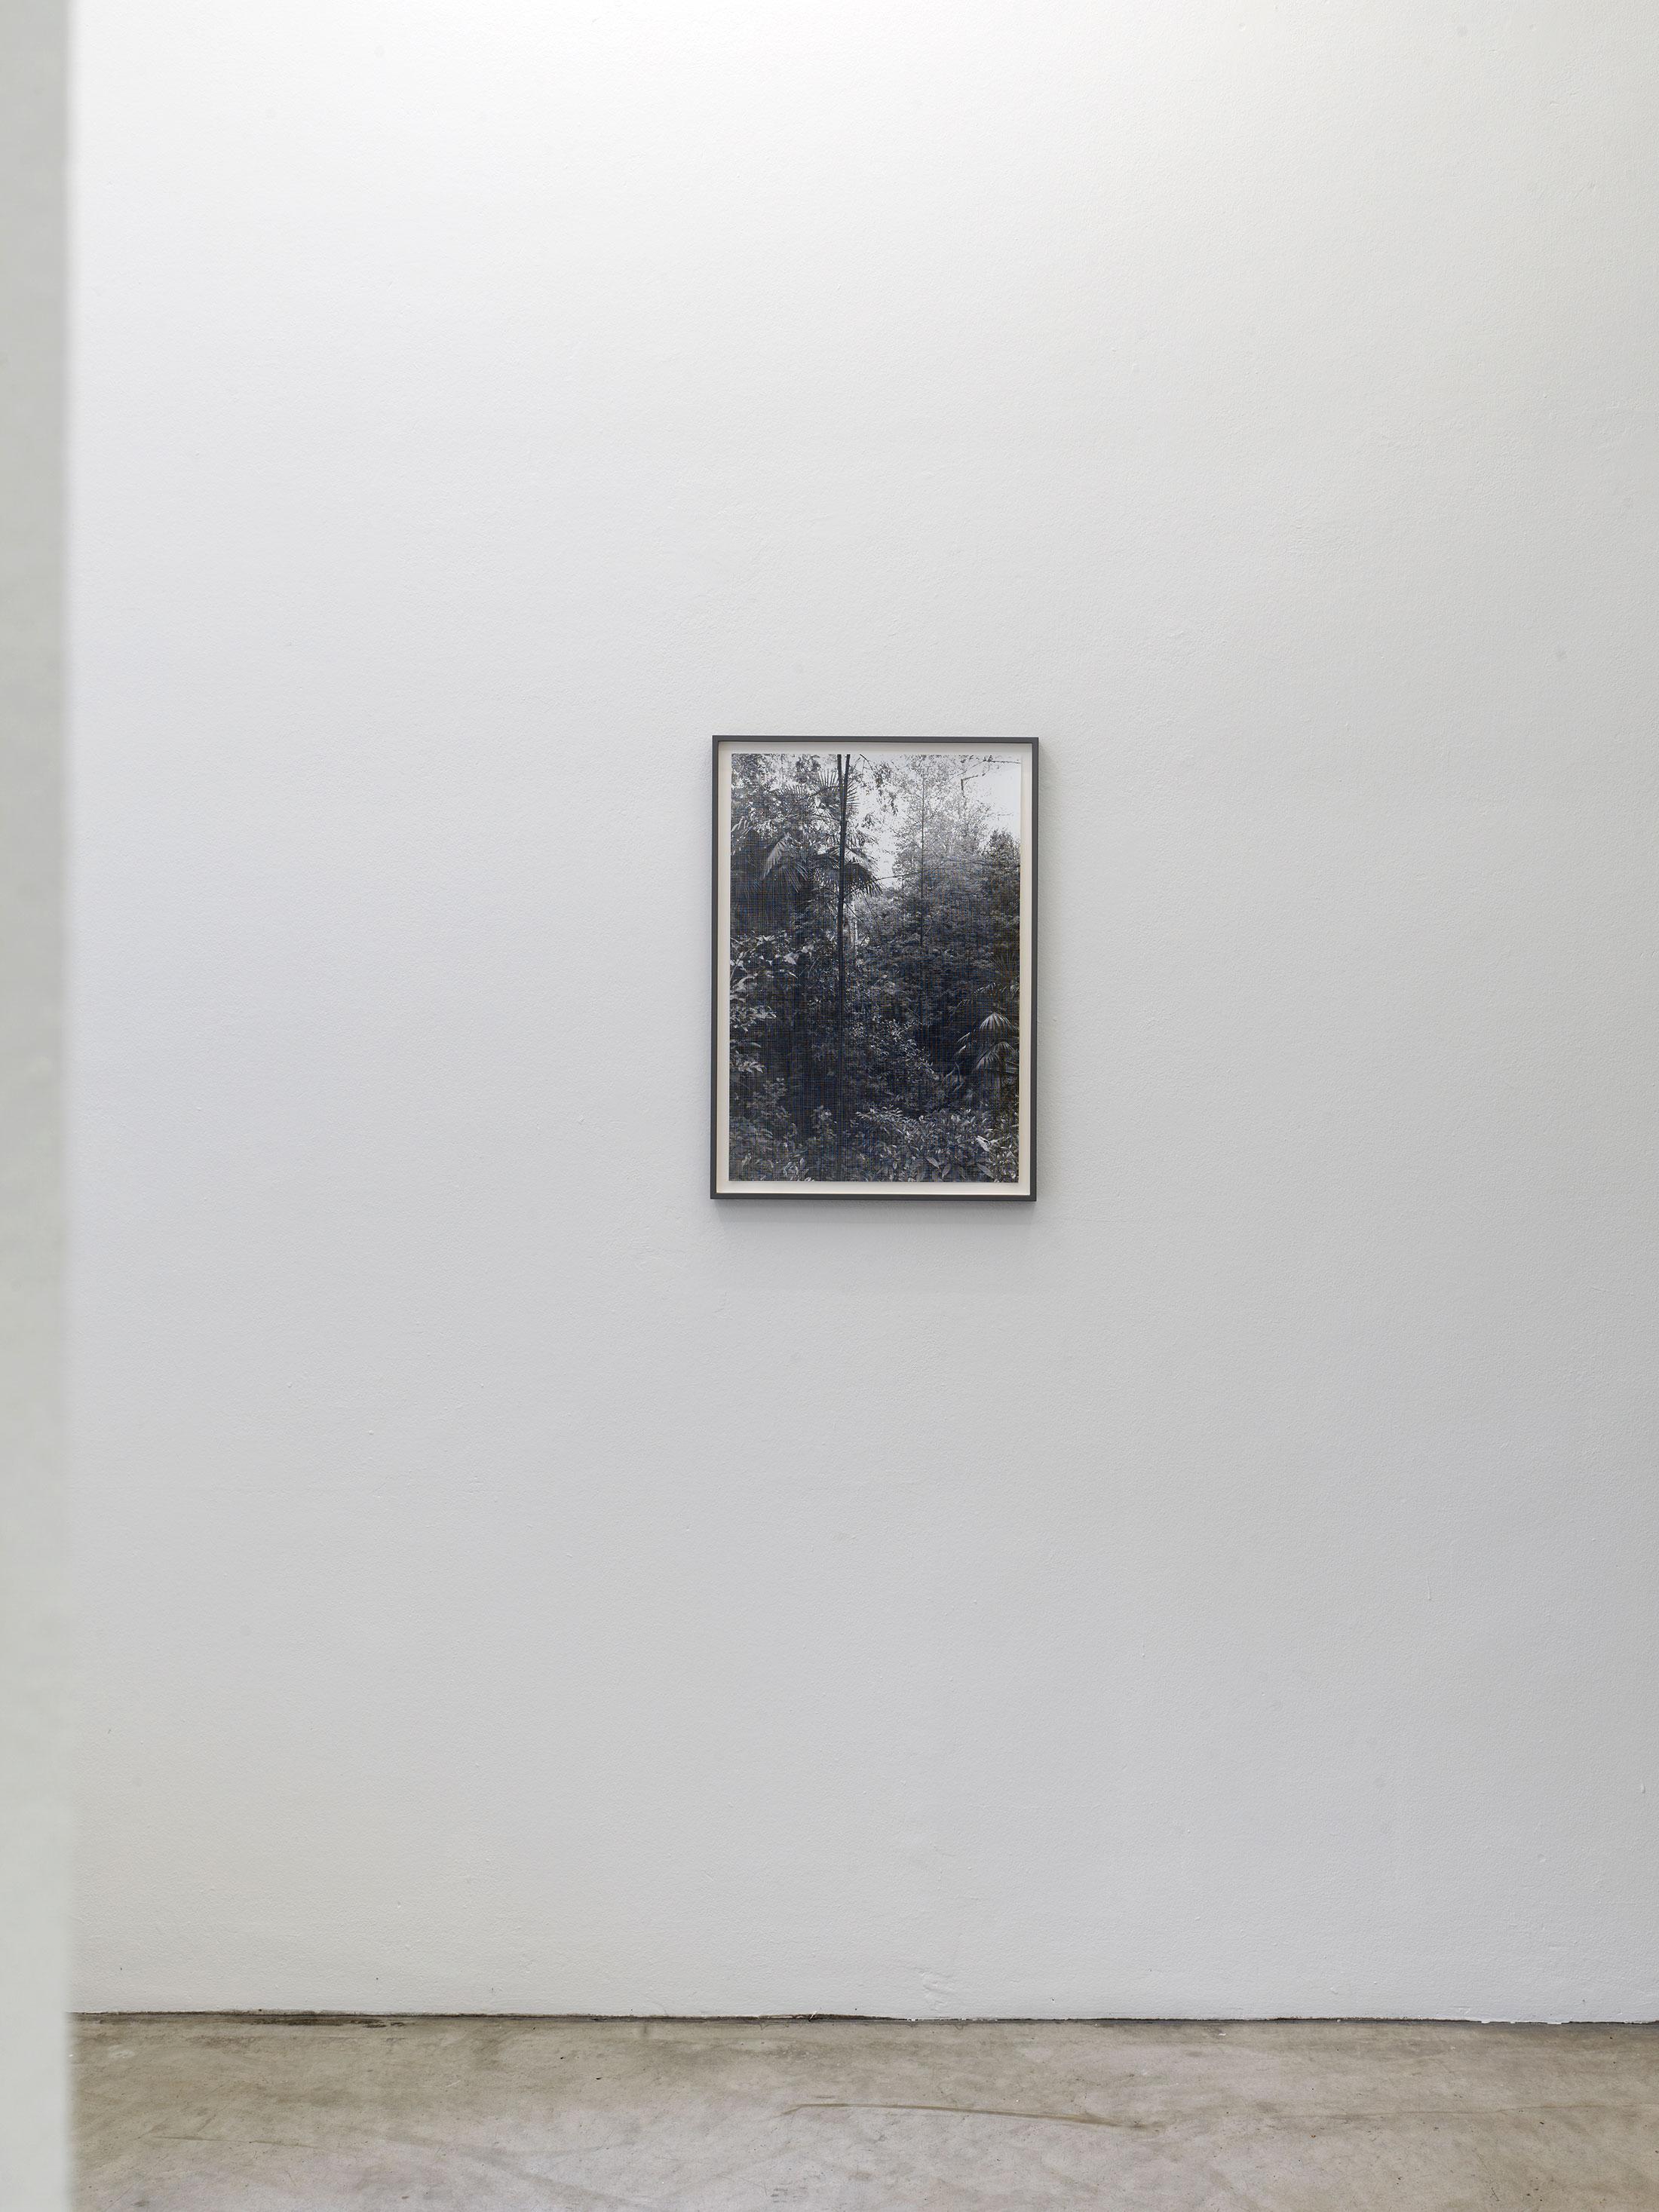 neuer aachener kunstverein, schneidereit, duesseldorf, gursky, berit,